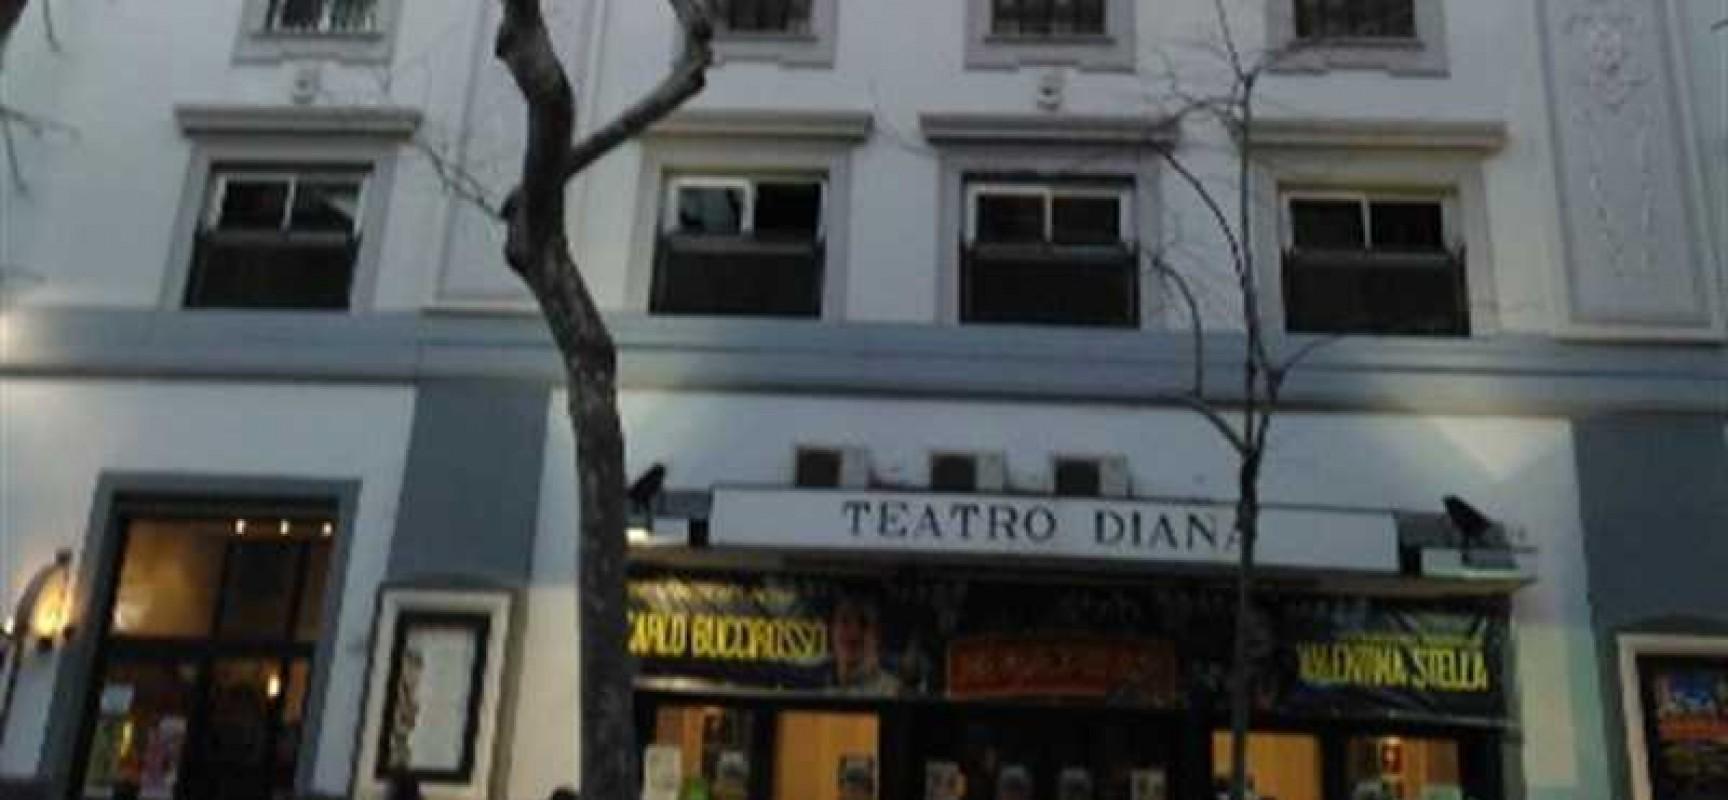 Teatro Diana, Veronica Pivetti presenta il suo ultimo libro   Napoli Post    Notizie, politica, cronaca, turismo e cultura in Campania